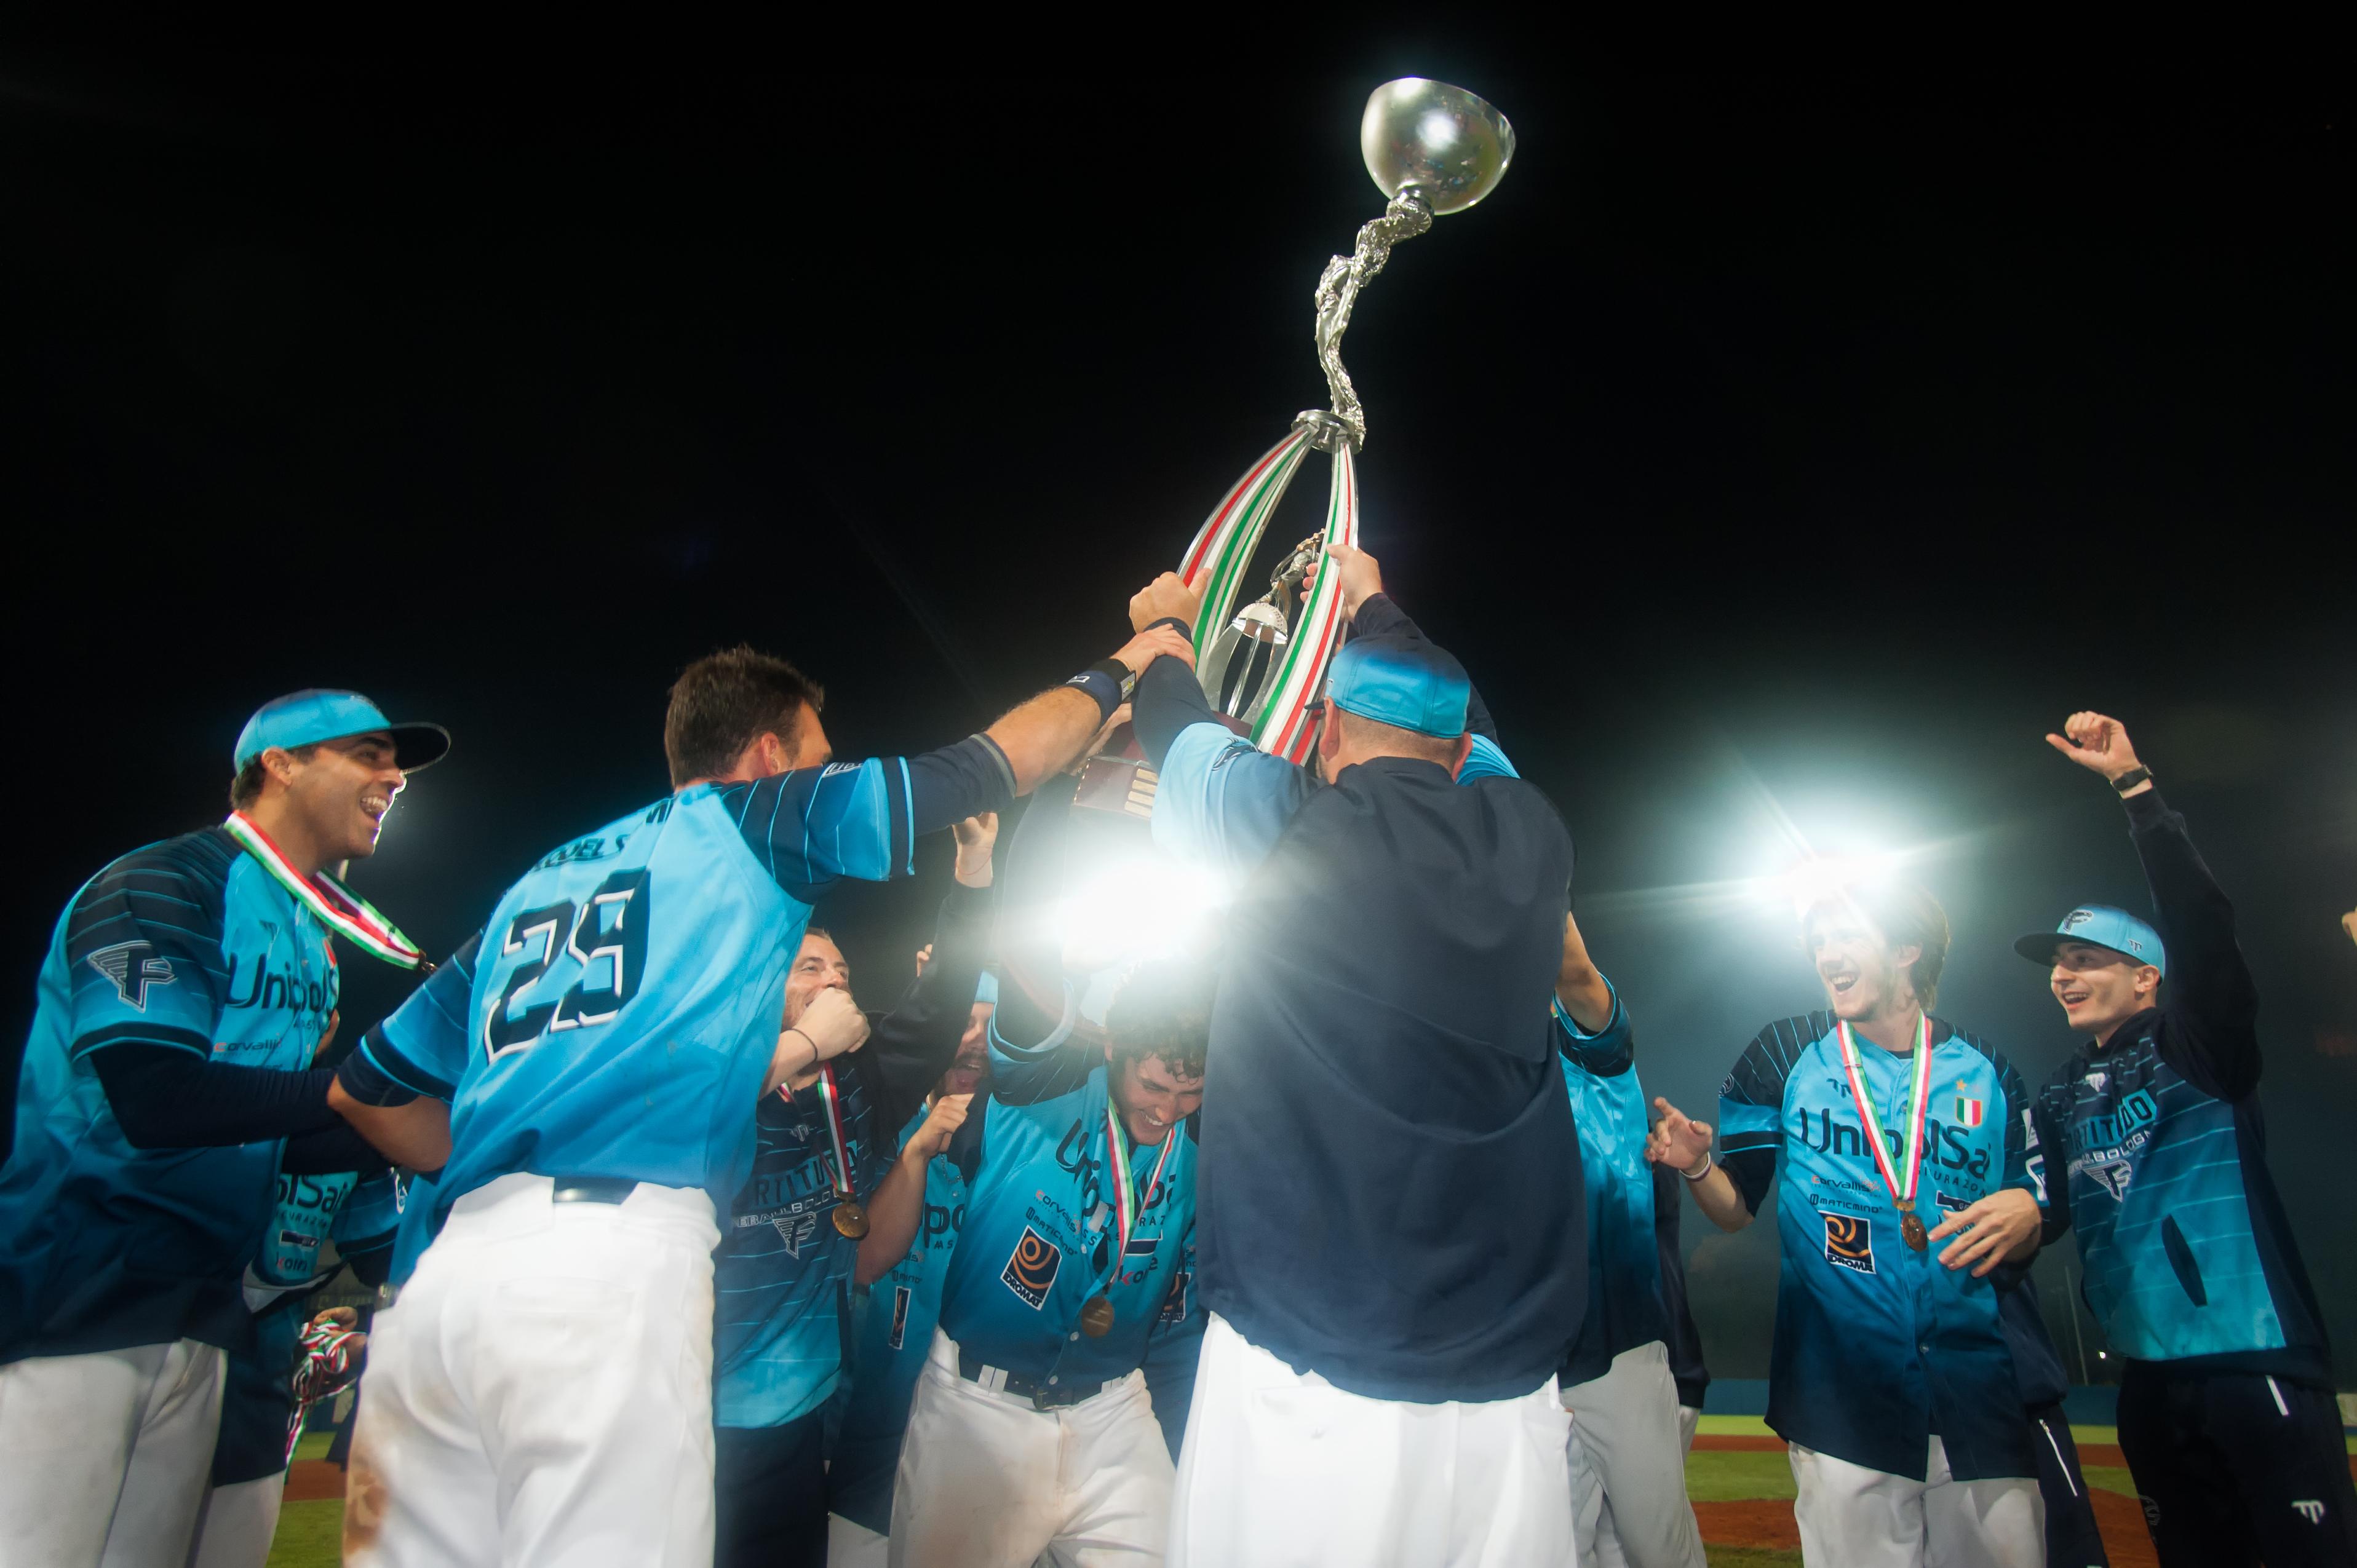 Fortitudo Baseball - L'UnipolSai sconfigge Titano, La Fortitudo si riconferma Campione d'Italia